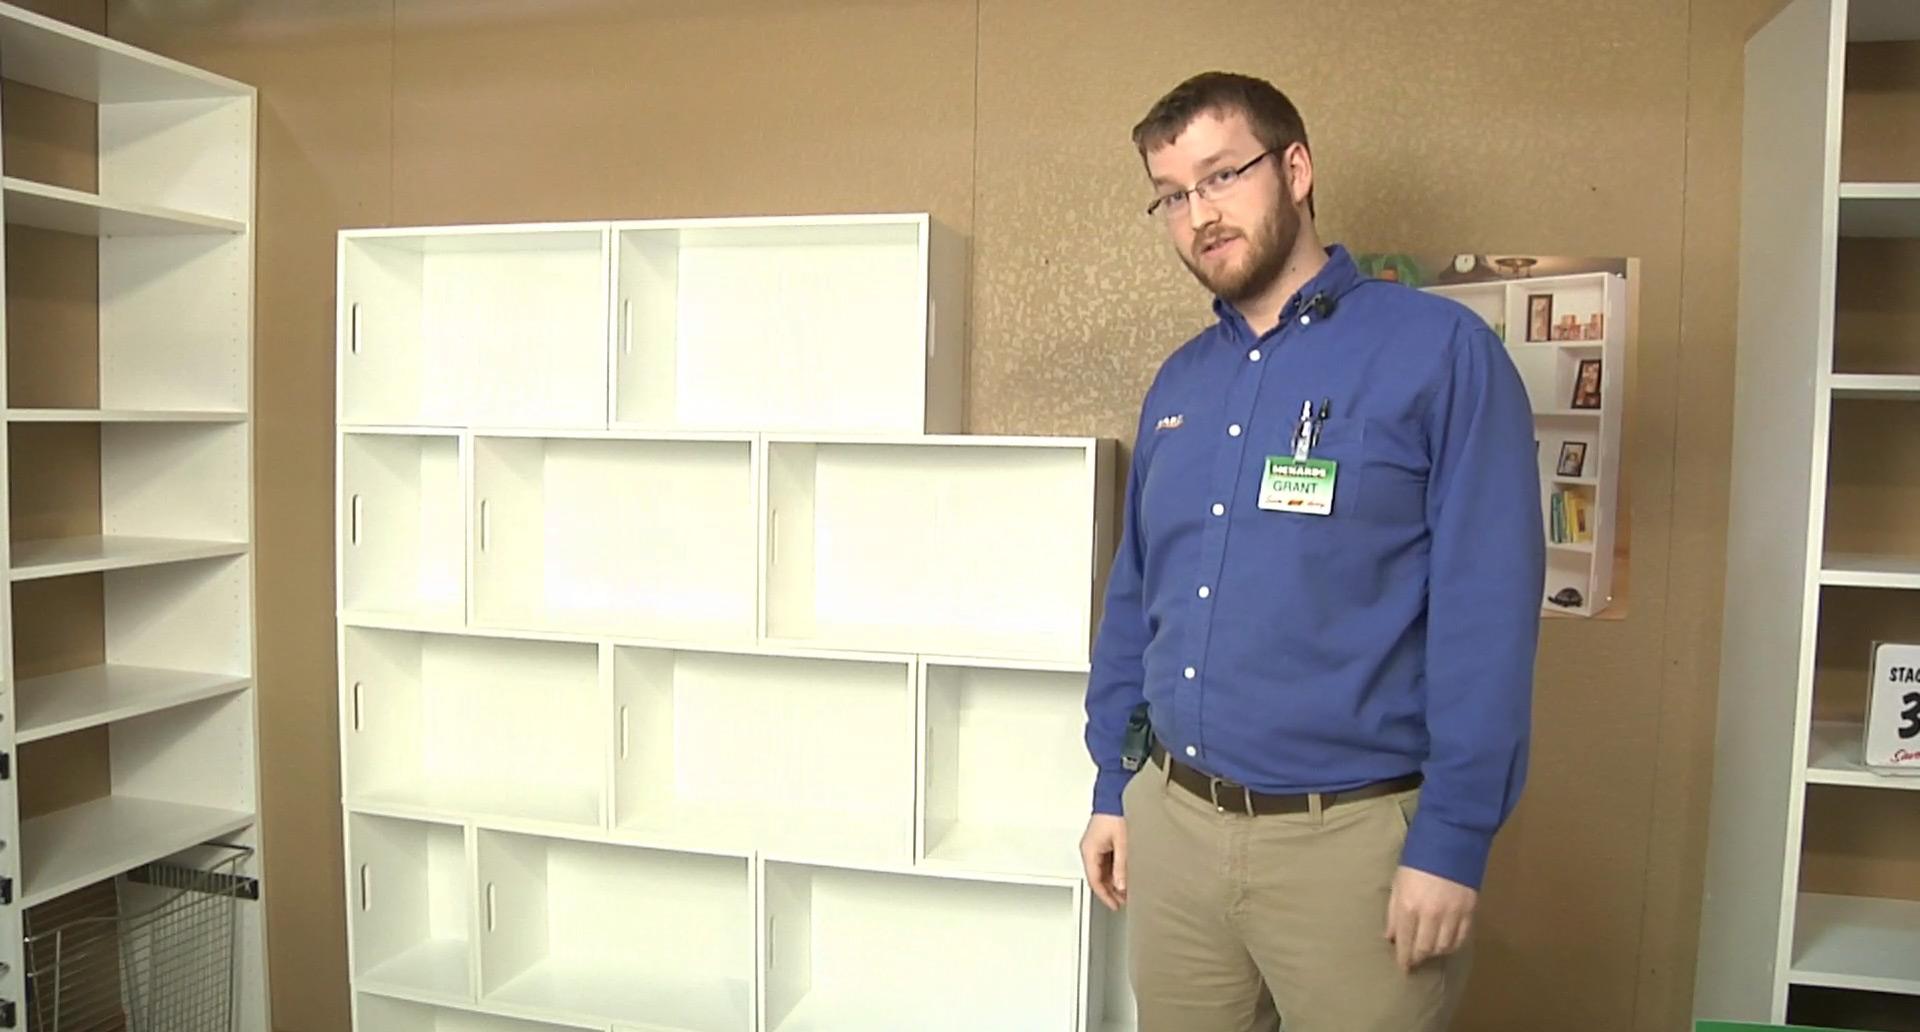 Shelves Shelving Units At MenardsR